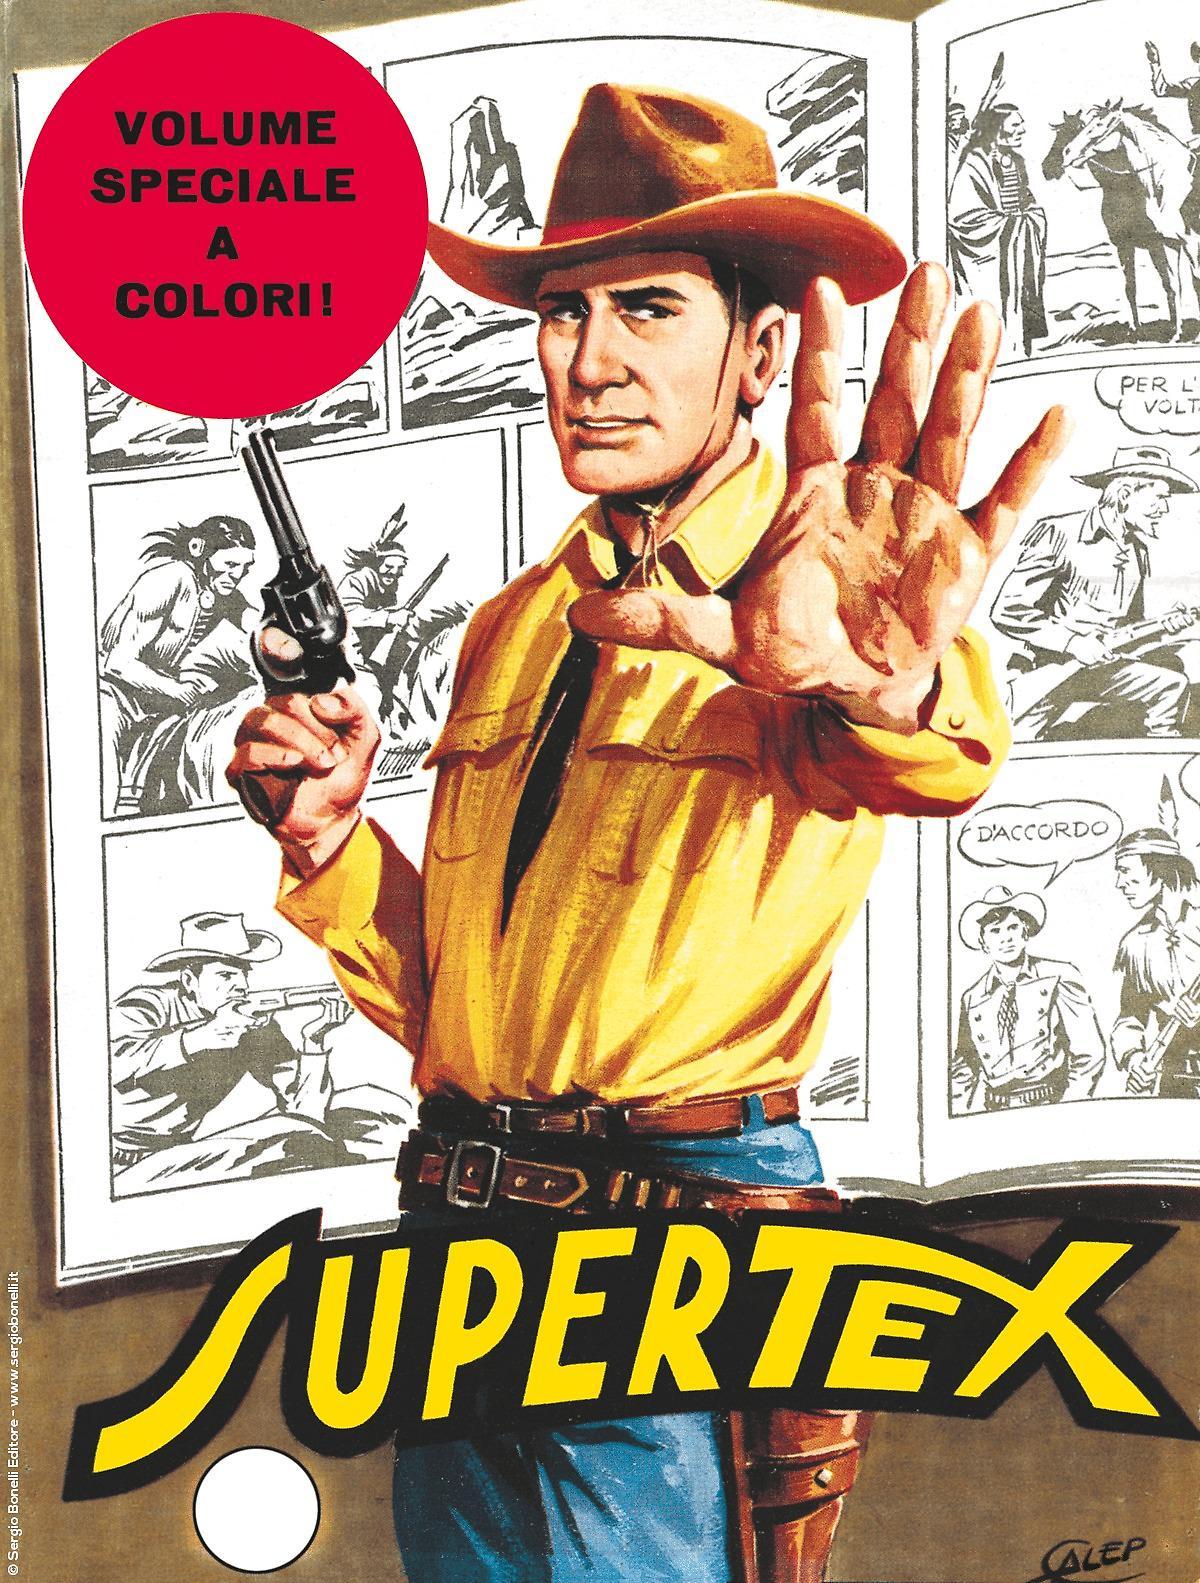 Risultato immagini per supertex